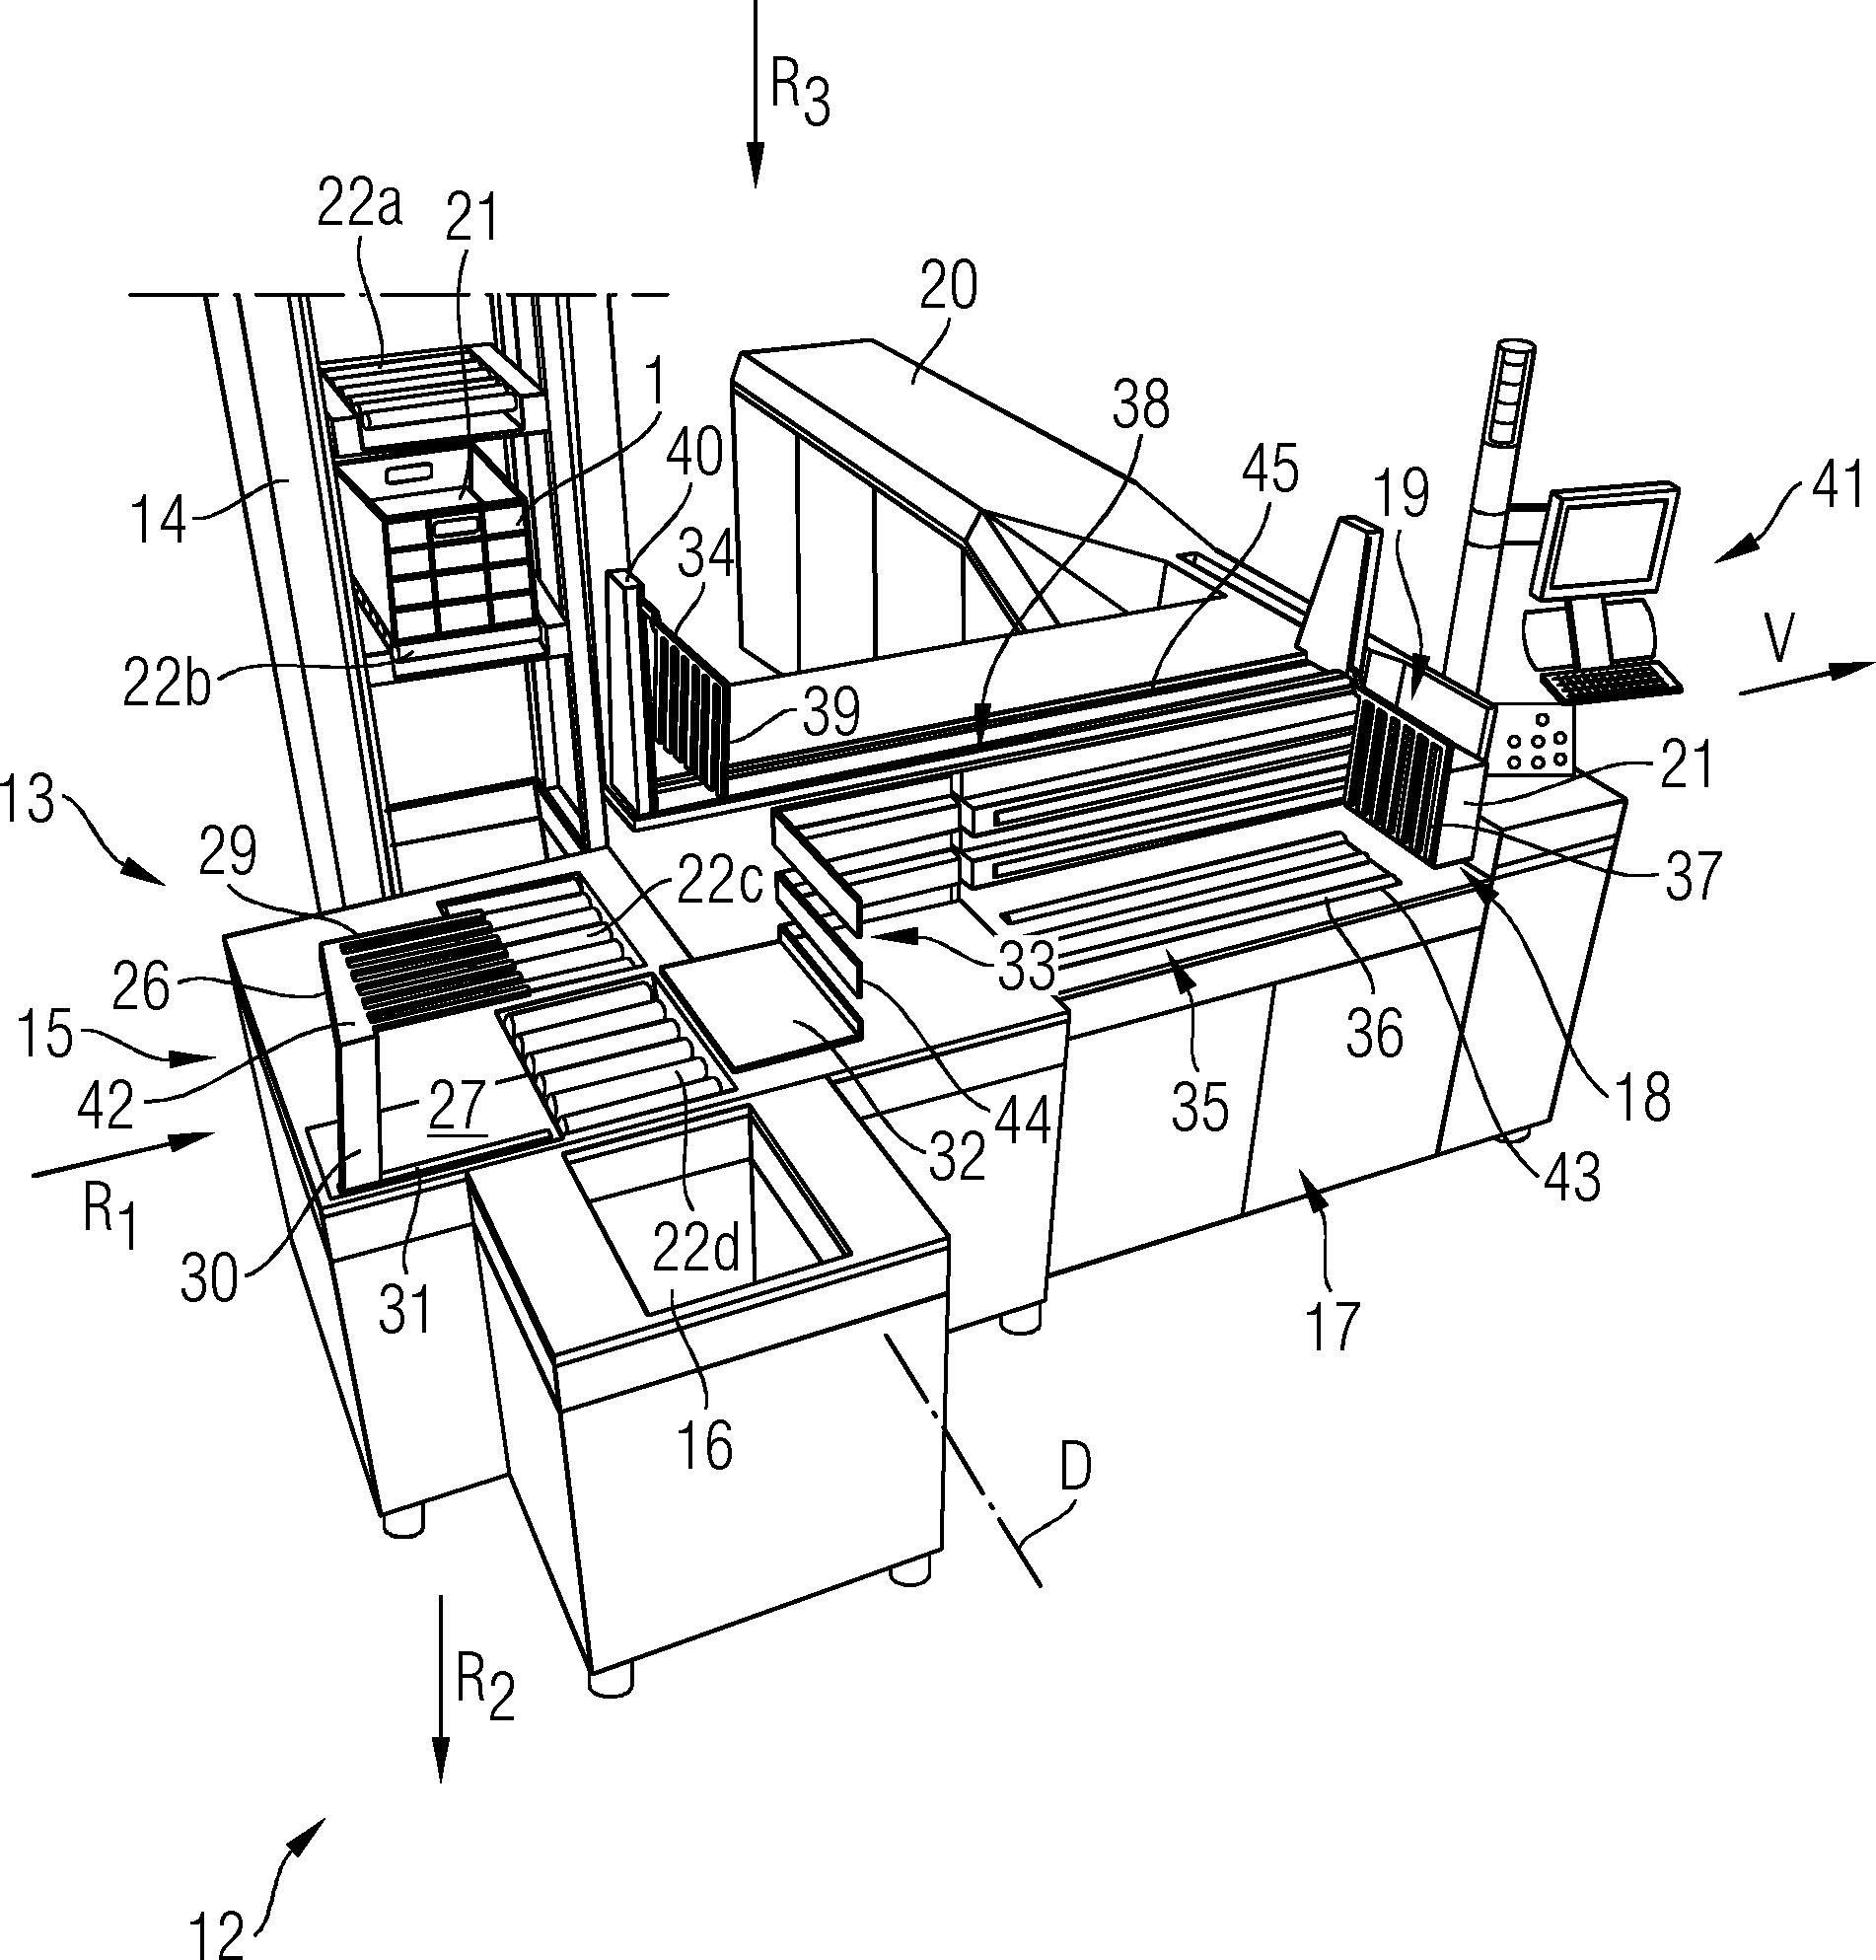 Figure DE102012219912A1_0001